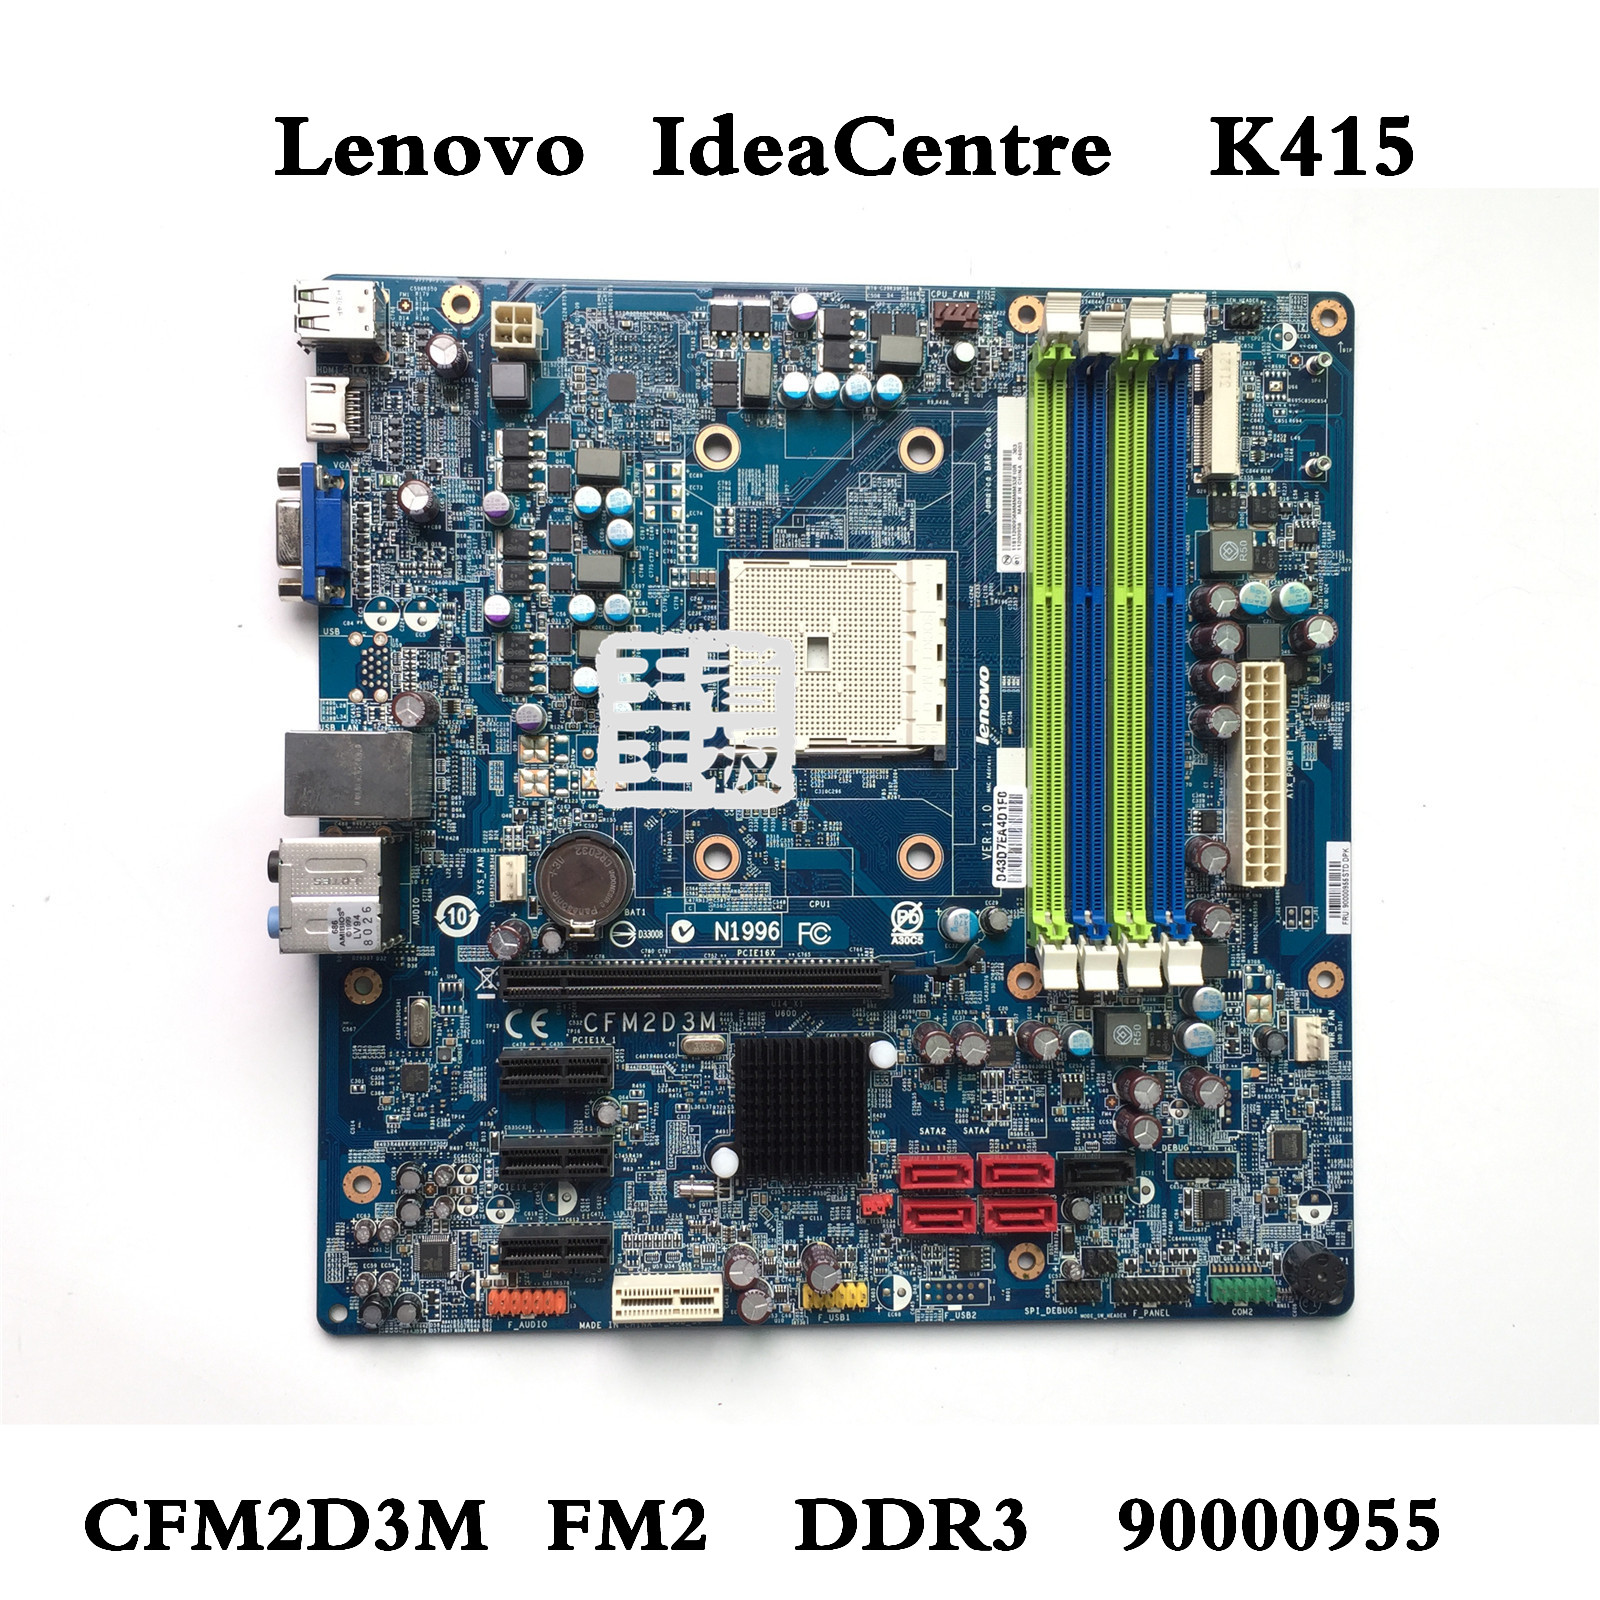 原装联想IdeaCentre 锋行 K415主板 CFM2D3M FM2 A75主板90000955